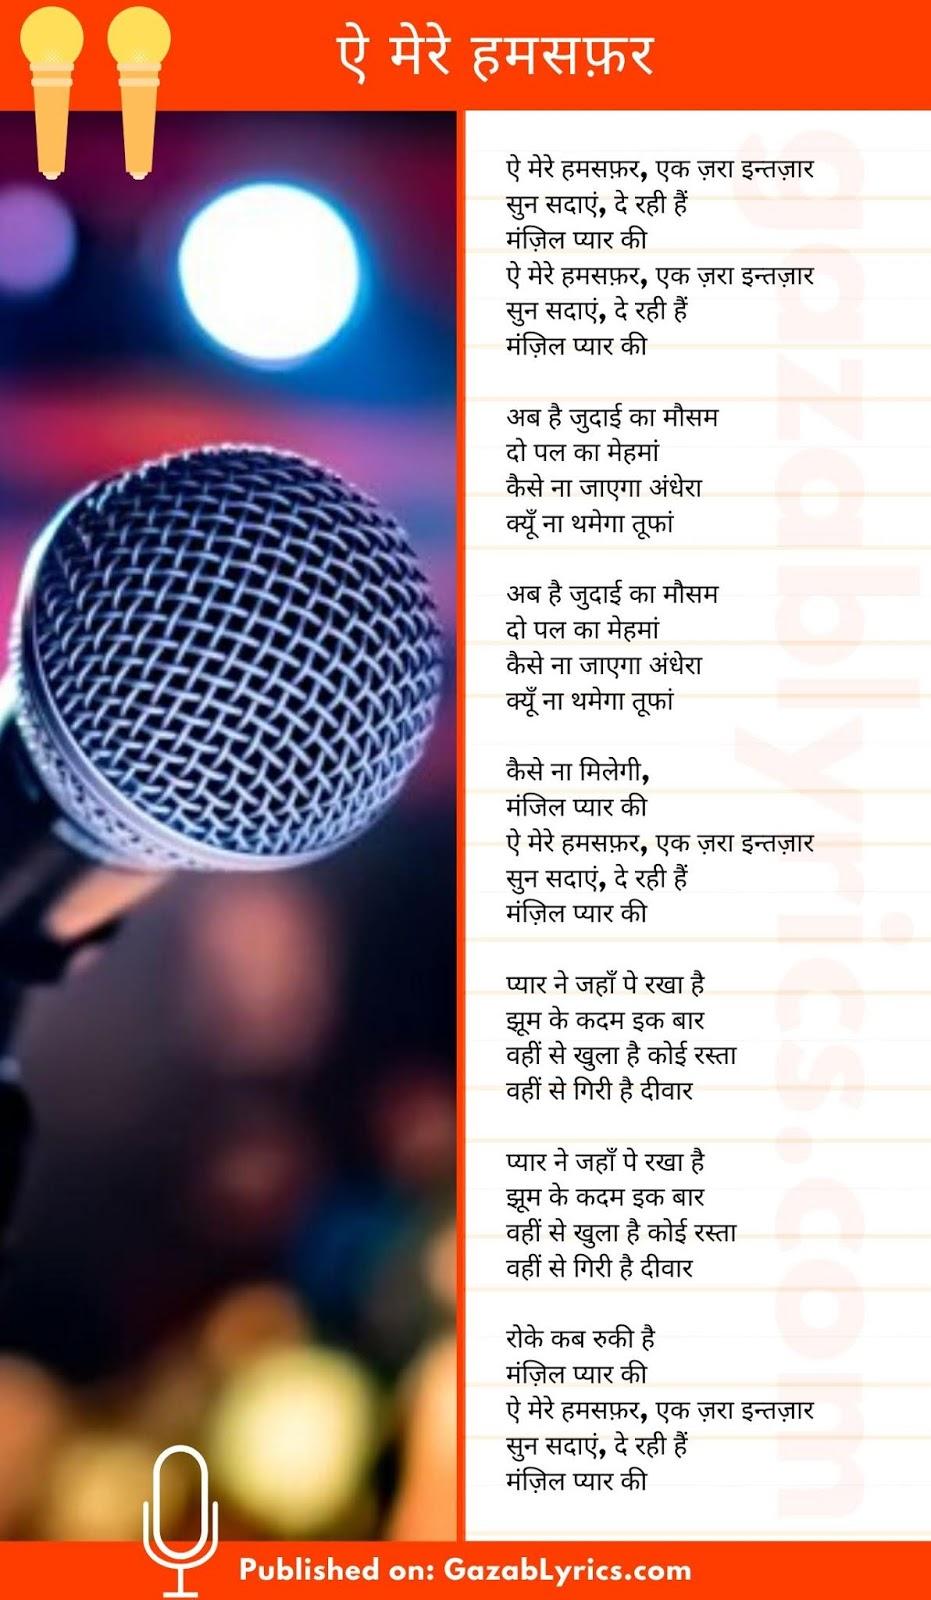 Aye Mere Humsafar song lyrics image